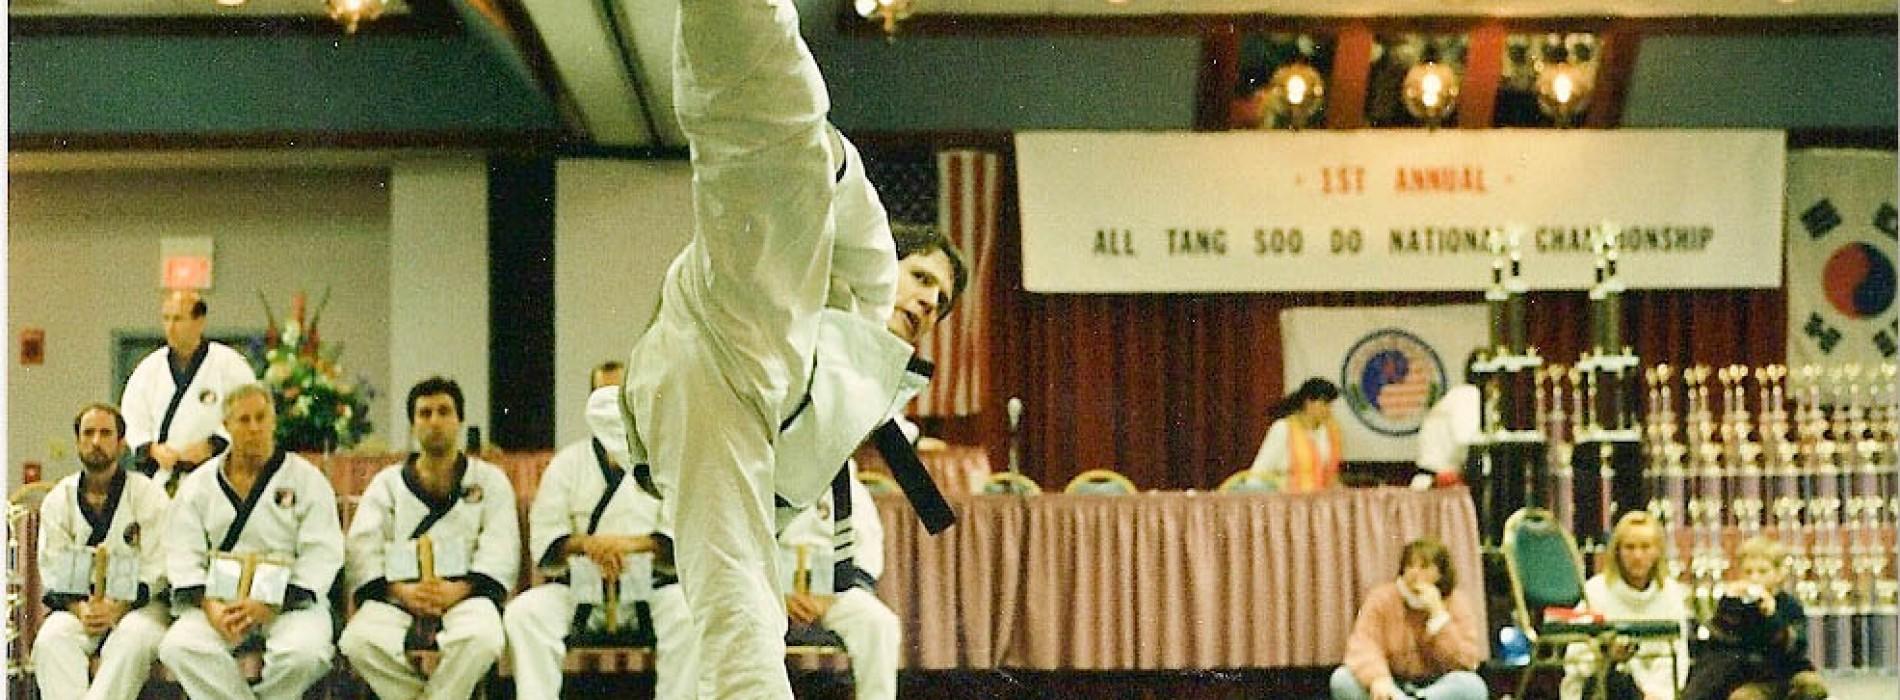 AmKor Karate Bryn Mawr Pennsylvania